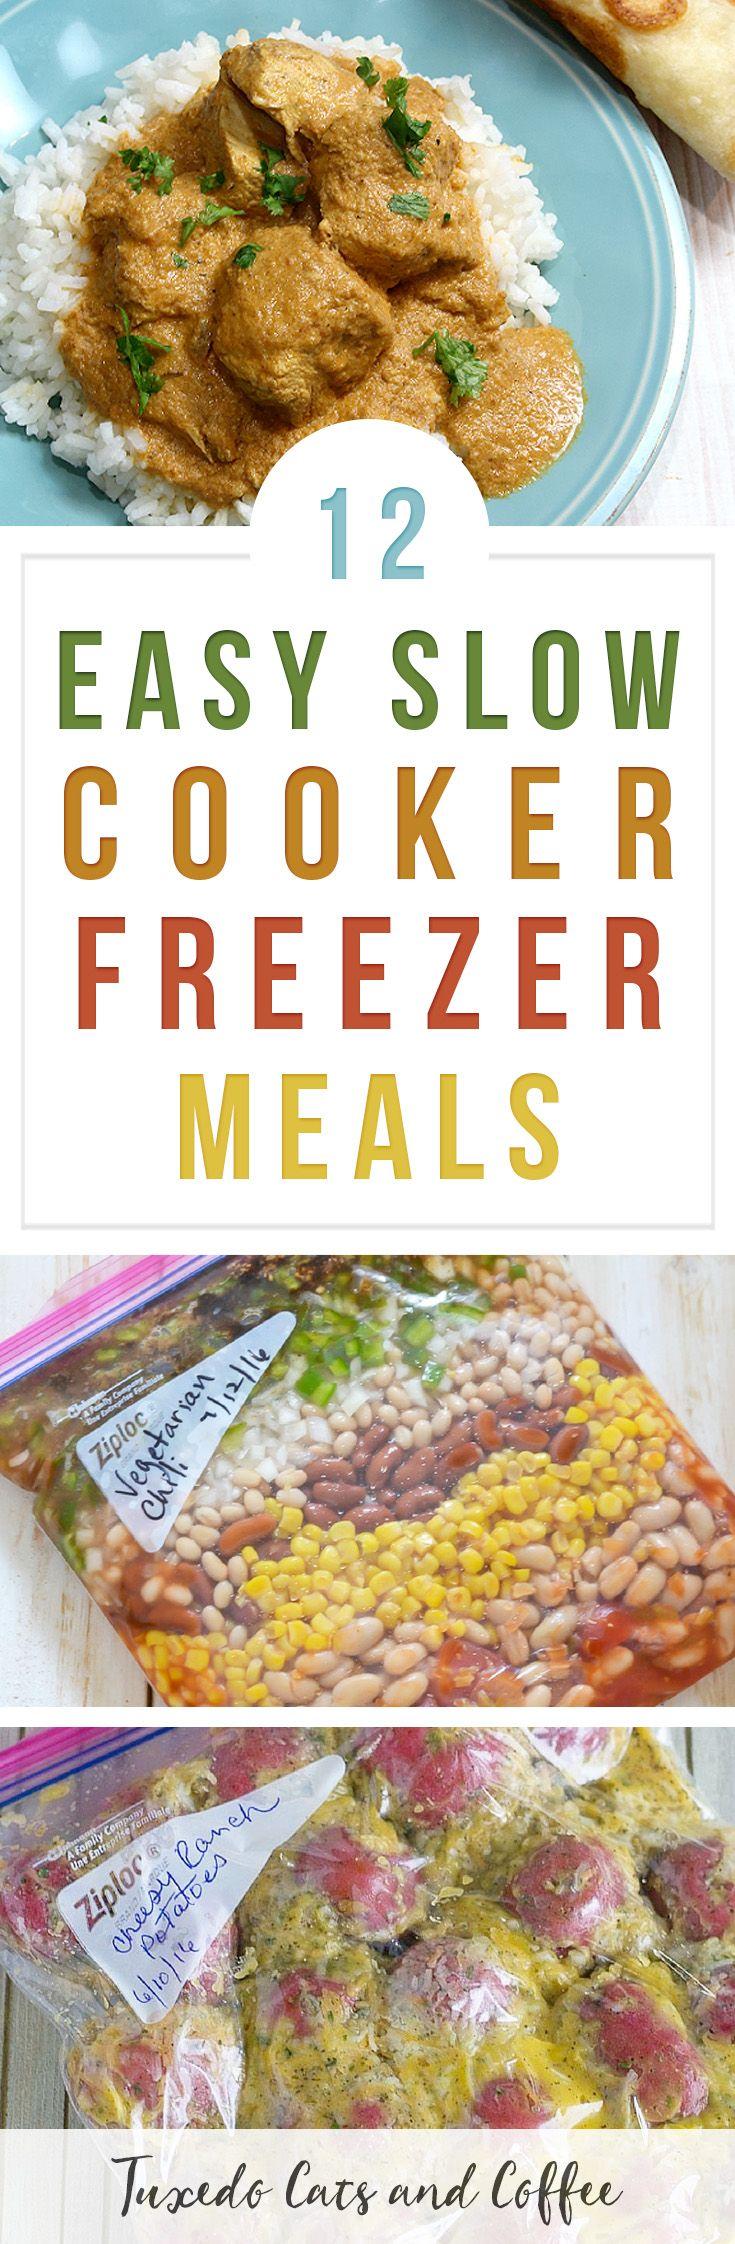 12 Easy Slow Cooker Freezer Meals #freezercooking #freezermeals